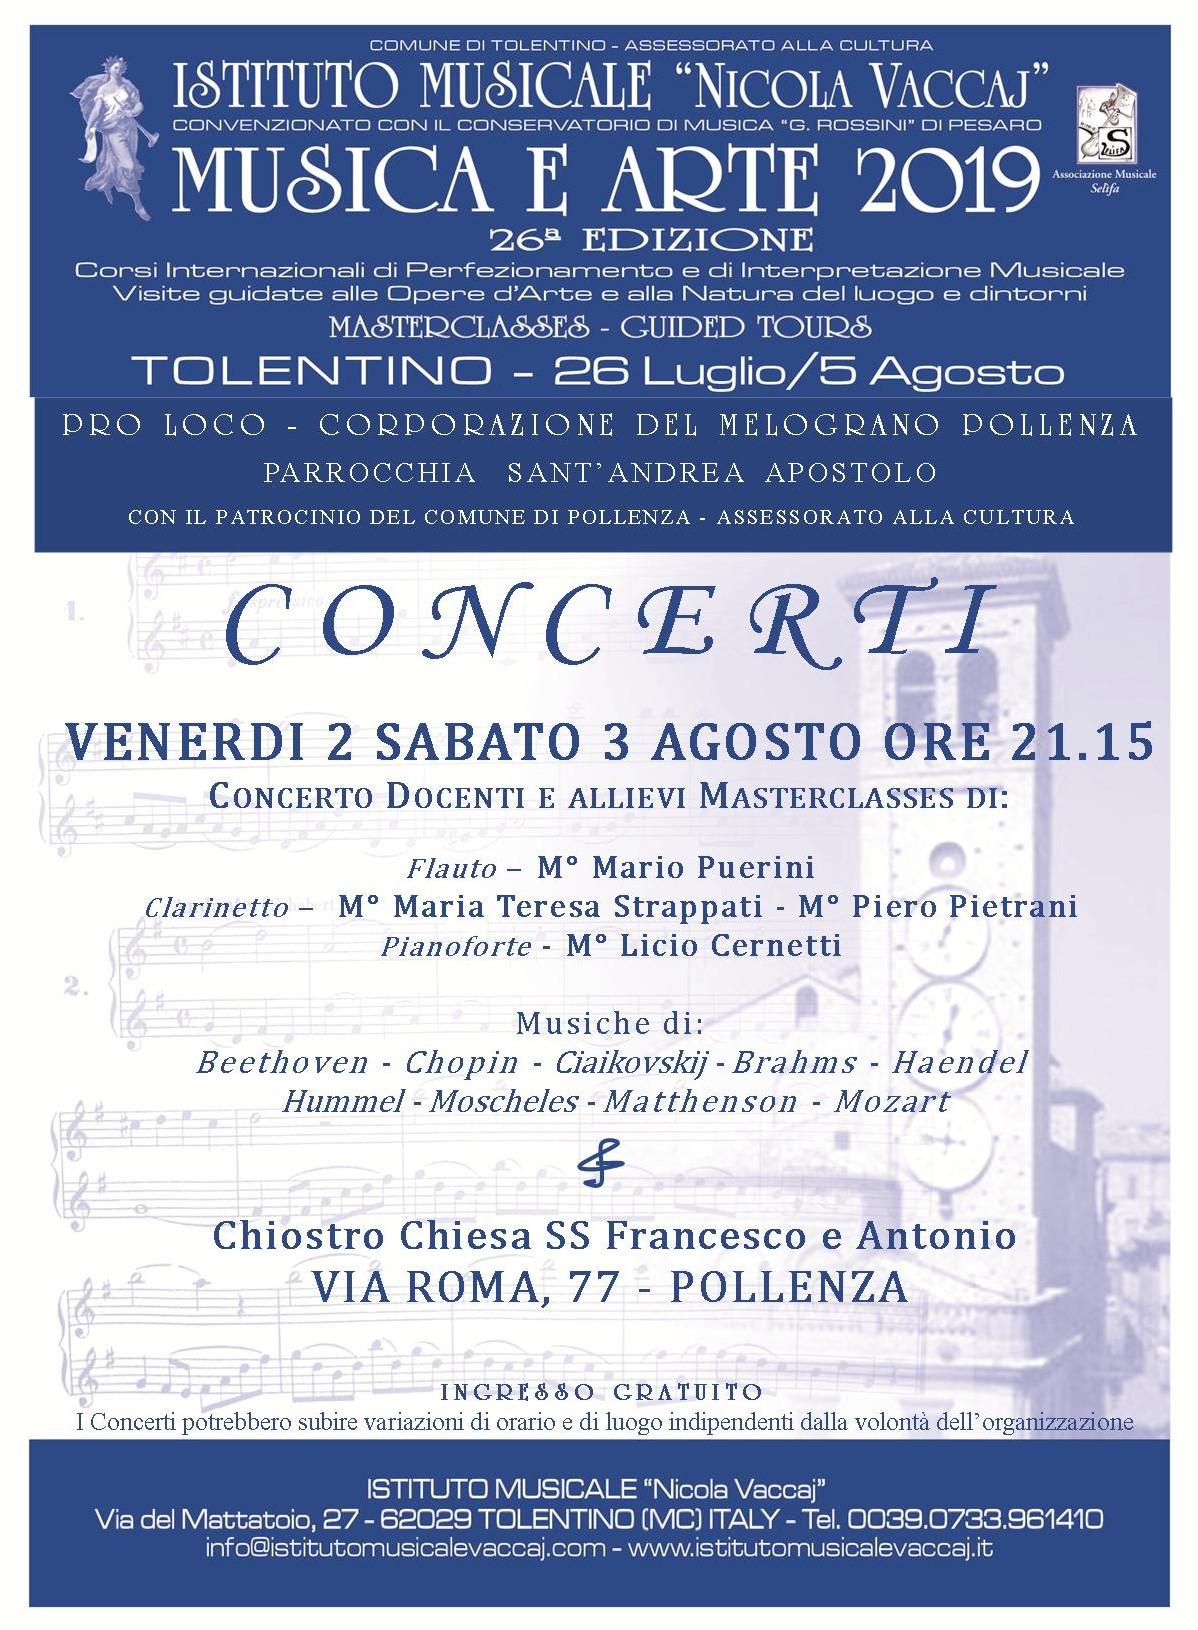 Concerti-A4-2019-Pollenza-seconda-versione-per-proloco